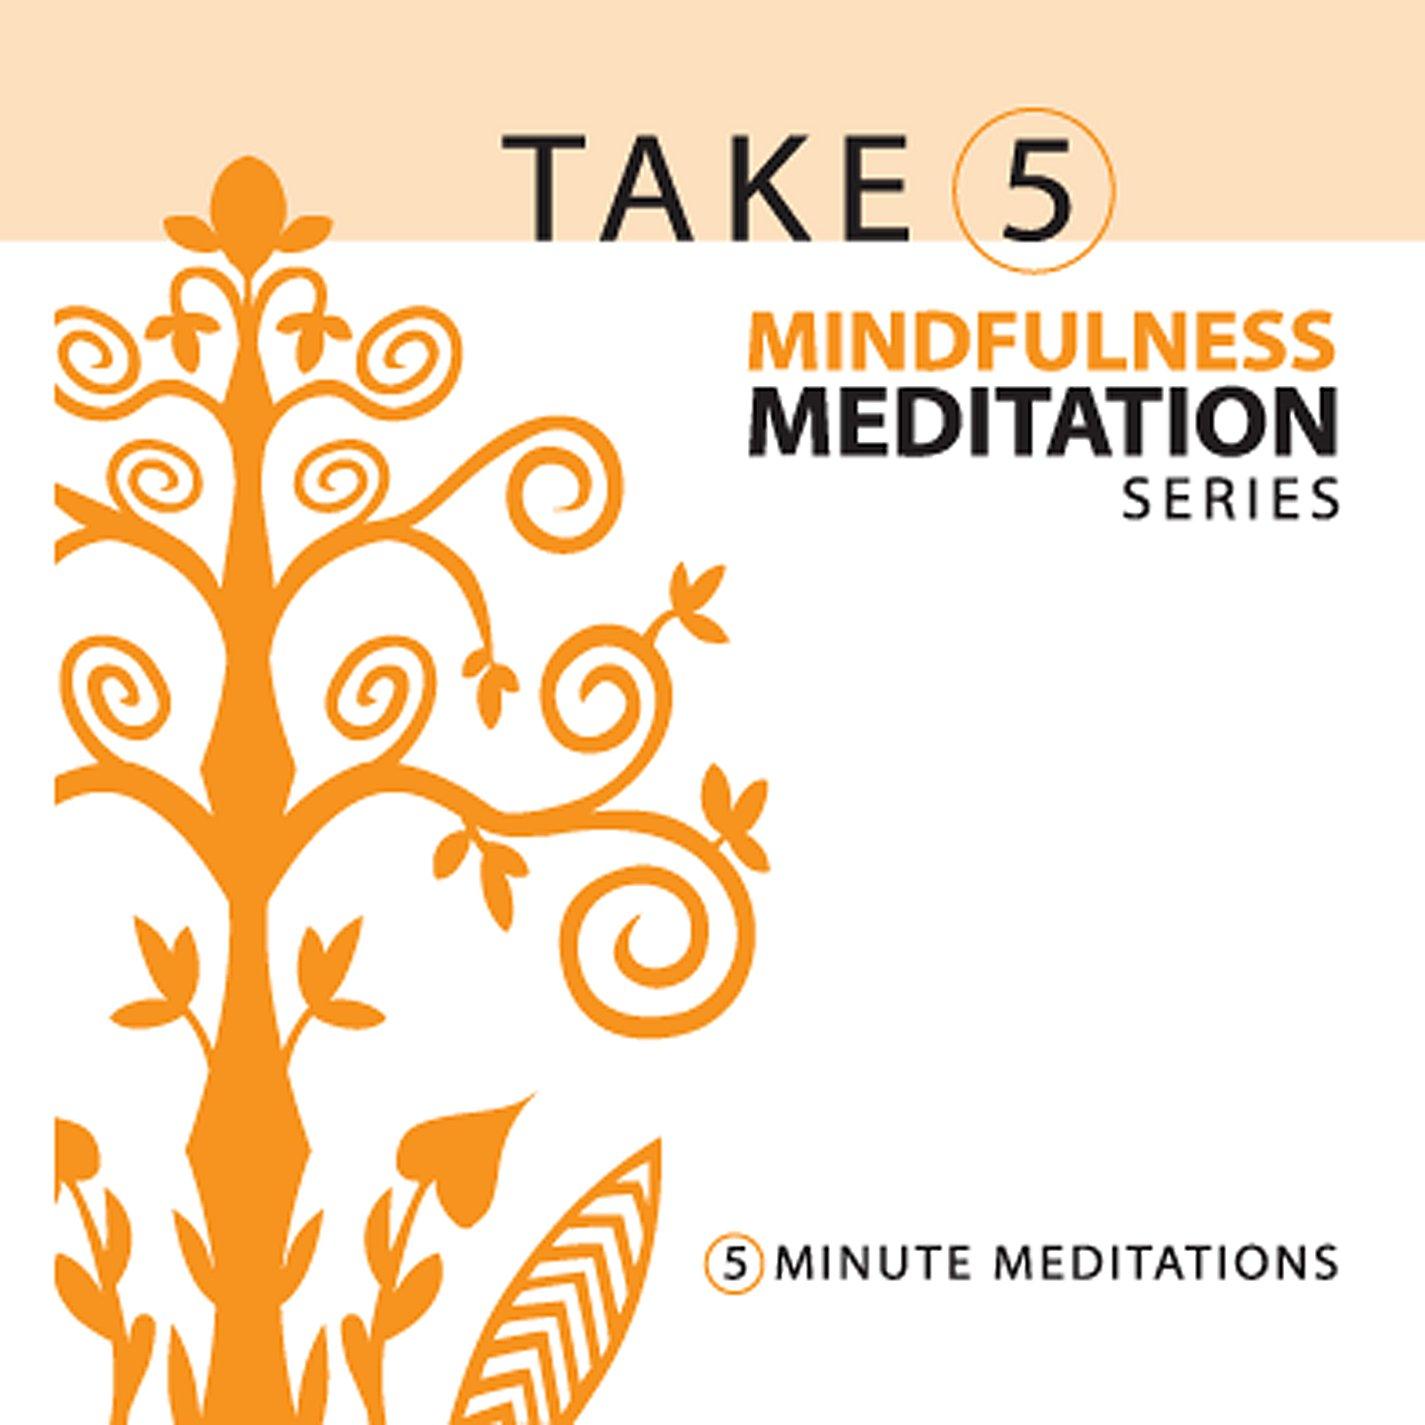 Take 5 Mindfulness Meditation Series: 5-Minute Med